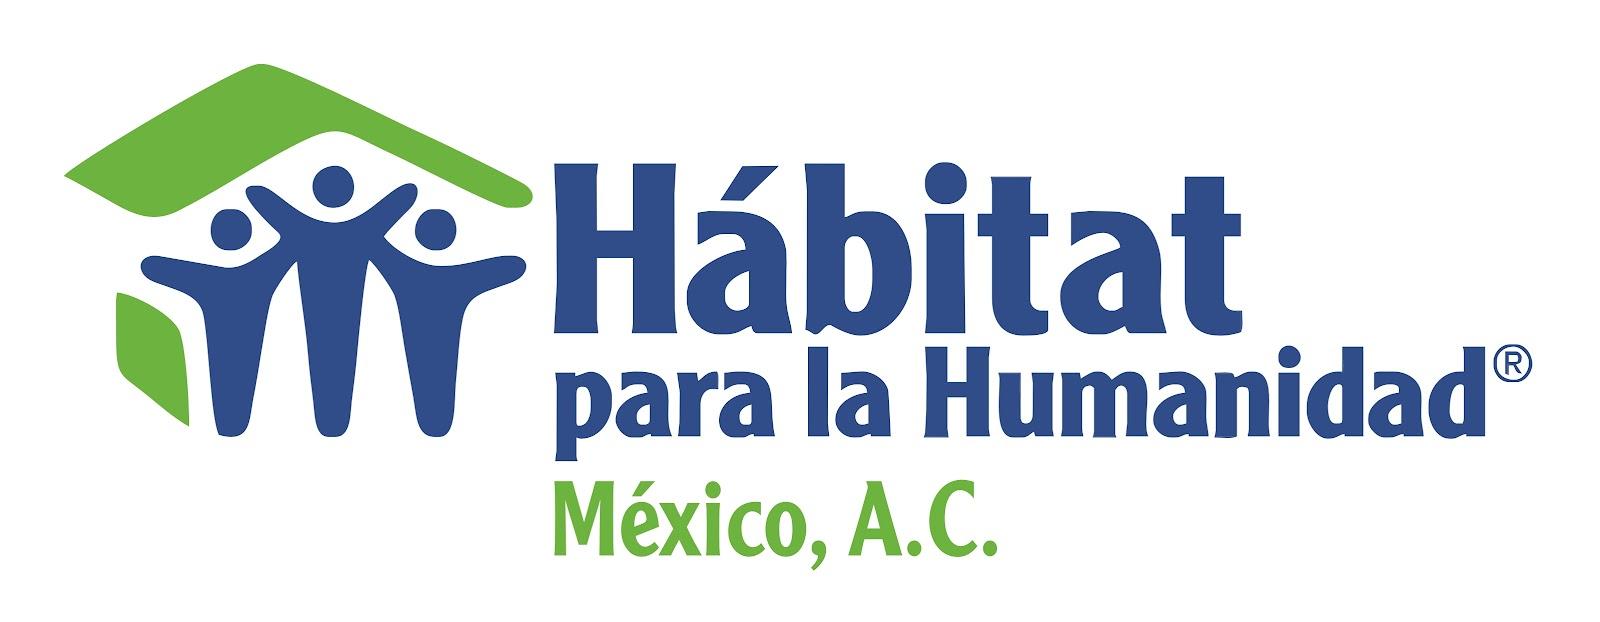 Resultado de imagen para habitat para la humanidad logo